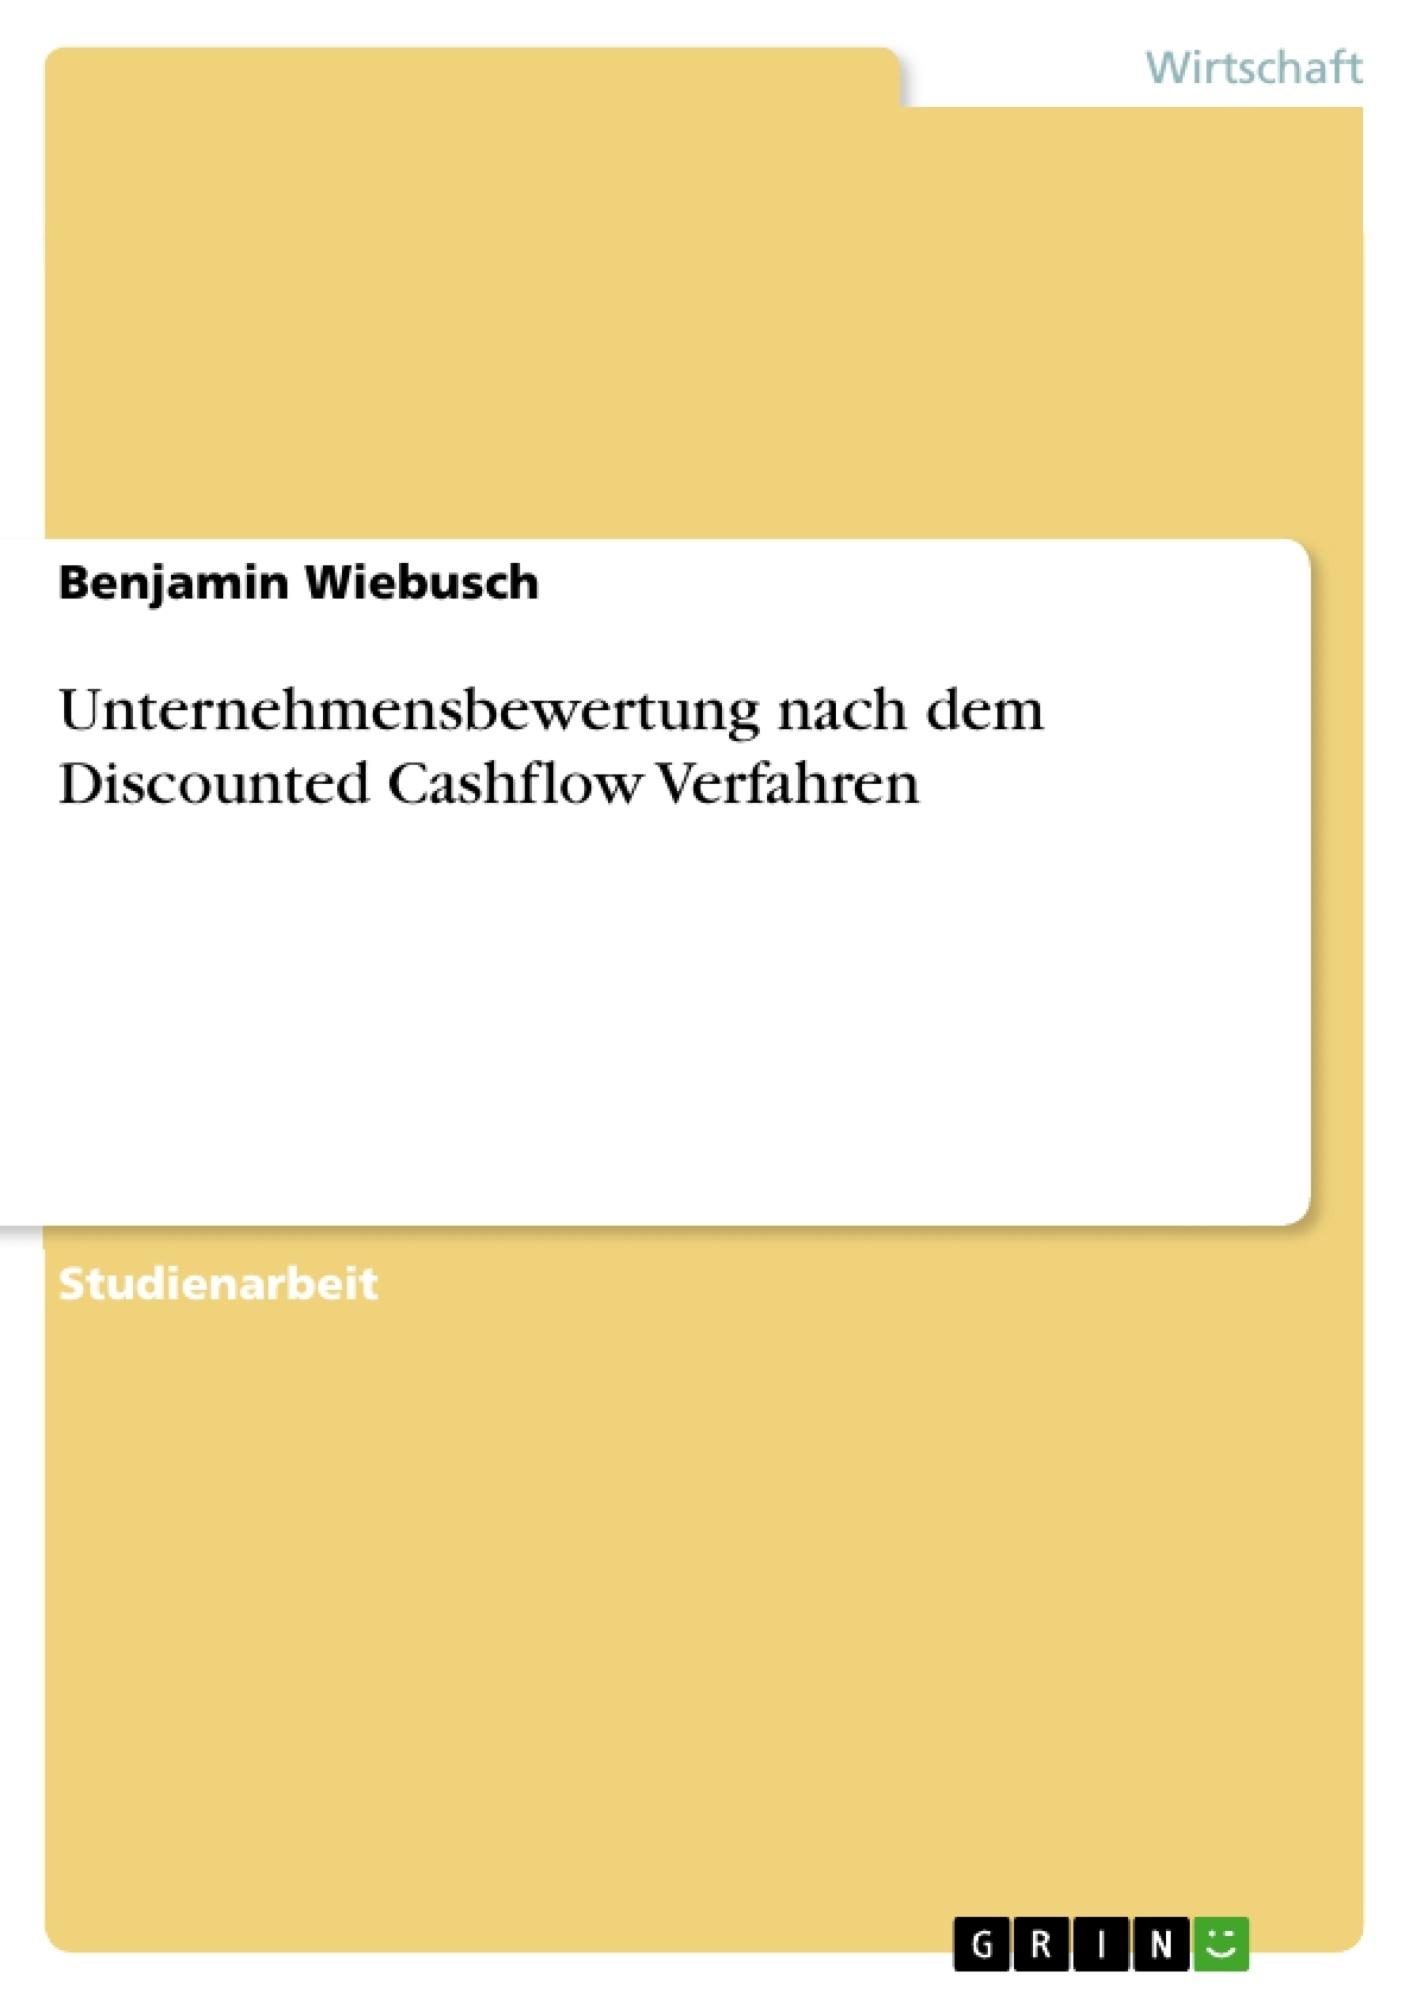 Titel: Unternehmensbewertung nach dem Discounted Cashflow Verfahren